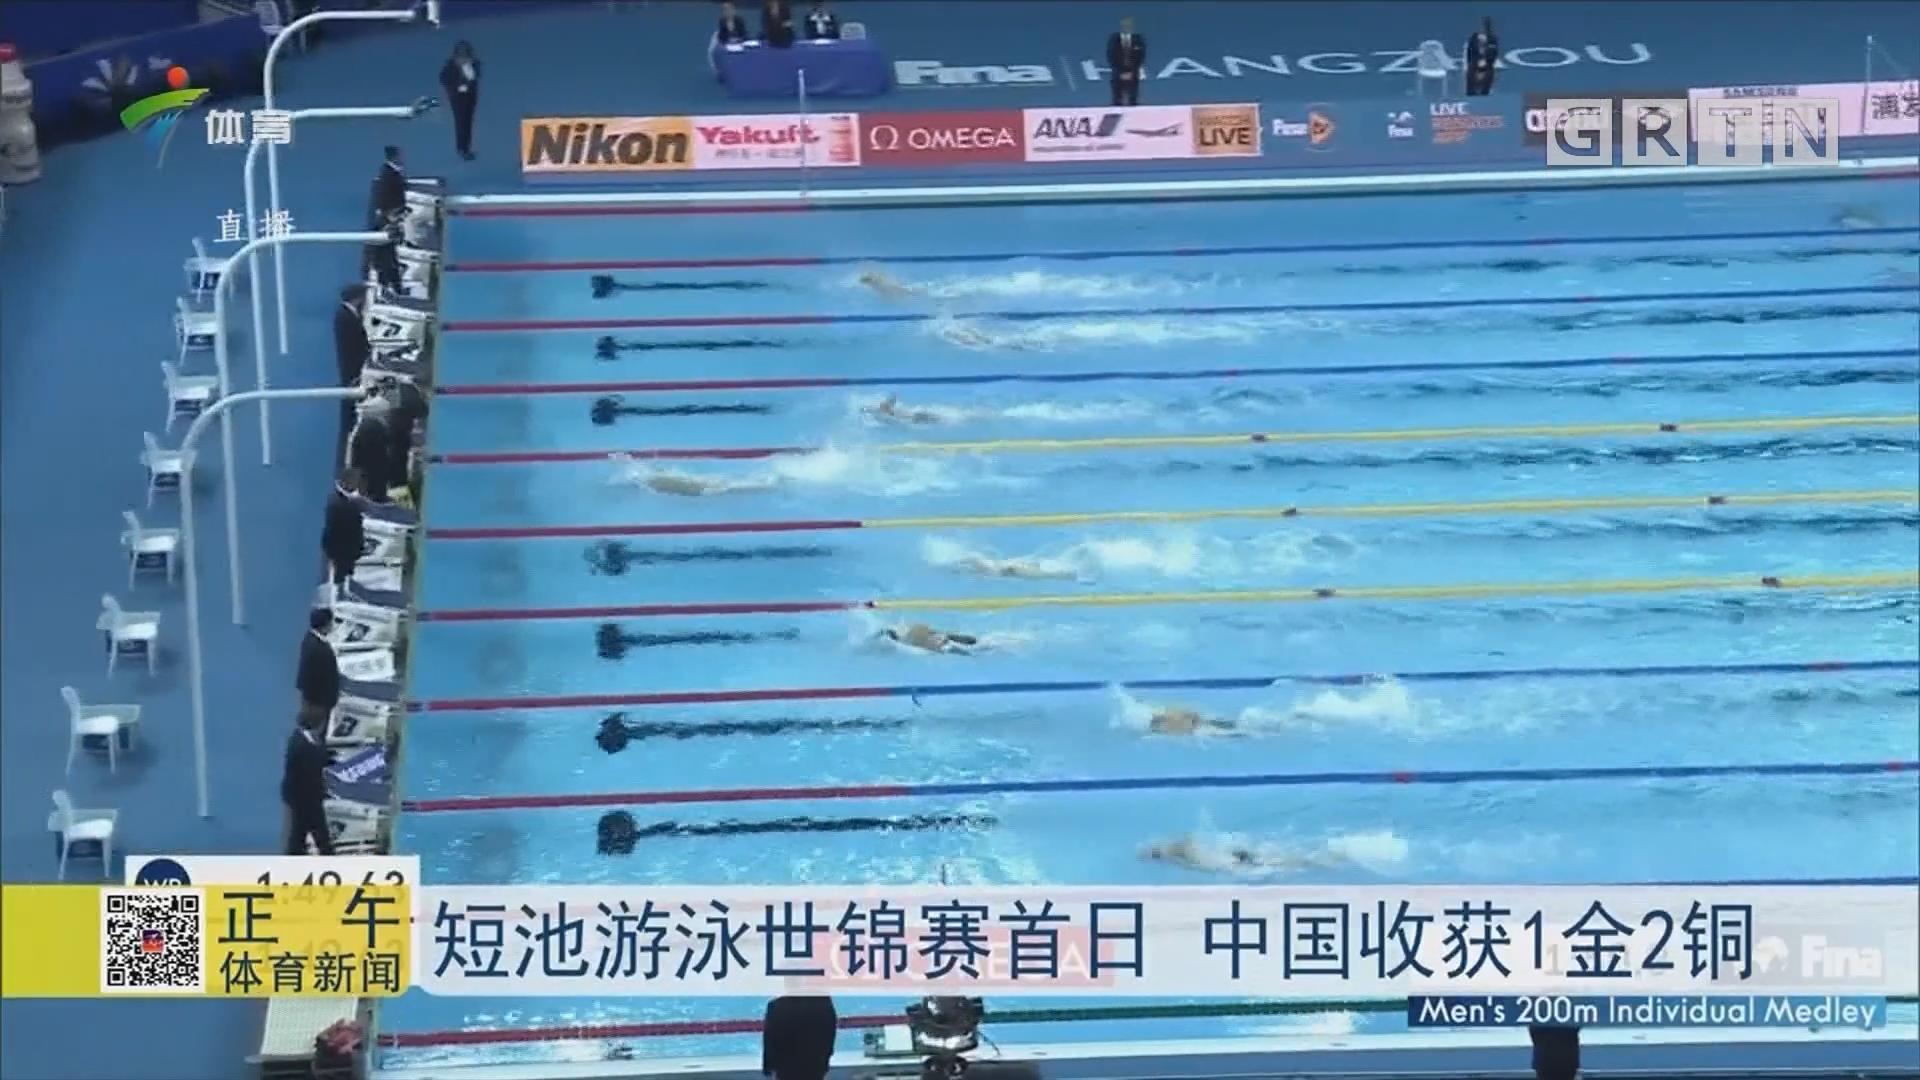 短池游泳世锦赛首日 中国收获1金2铜